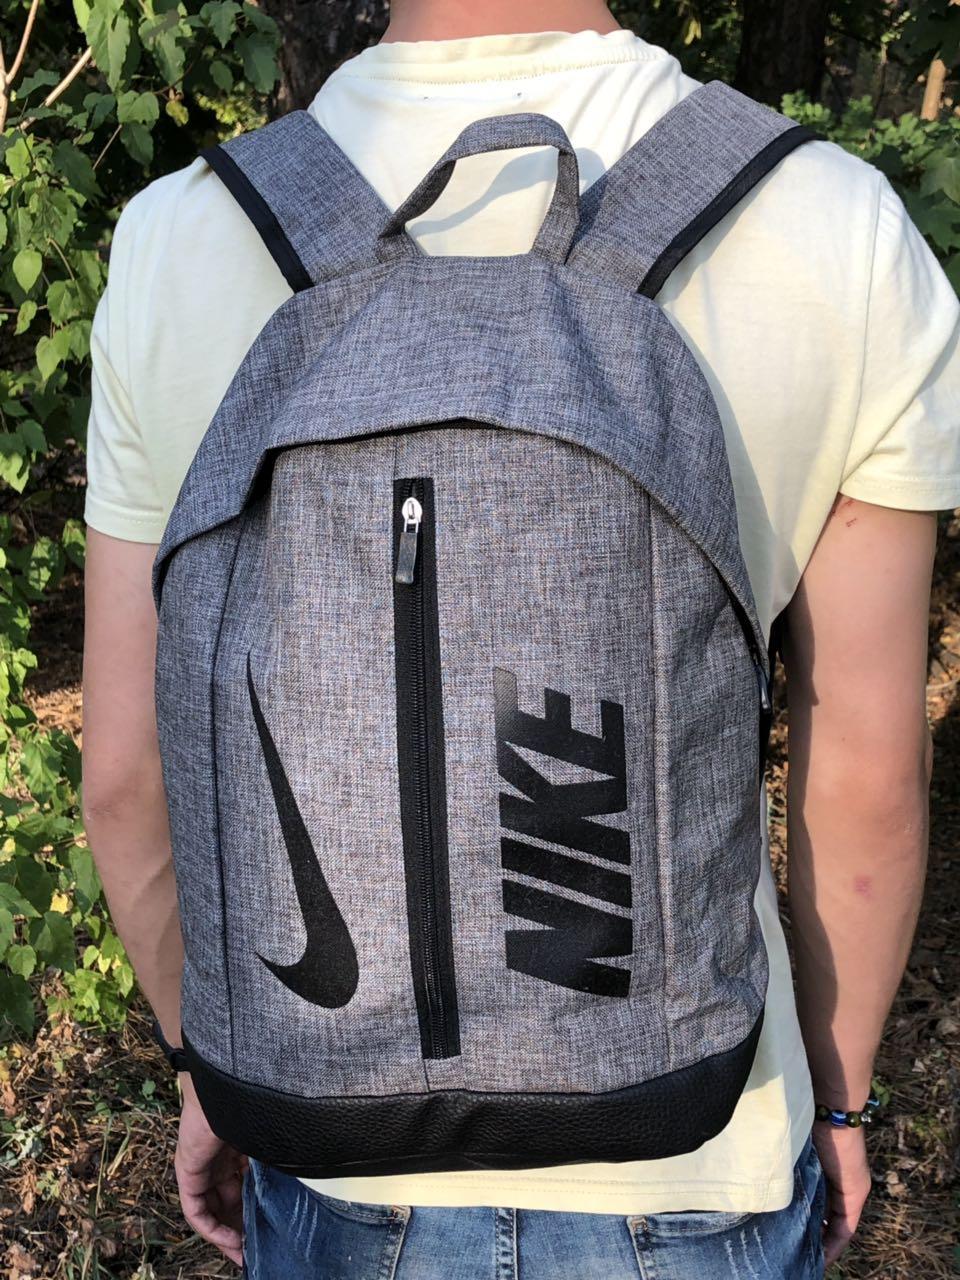 Стильный городской спортивный рюкзак Nike, с кожаным дном, цвет серый, школьный, портфель, 25 литров, найк